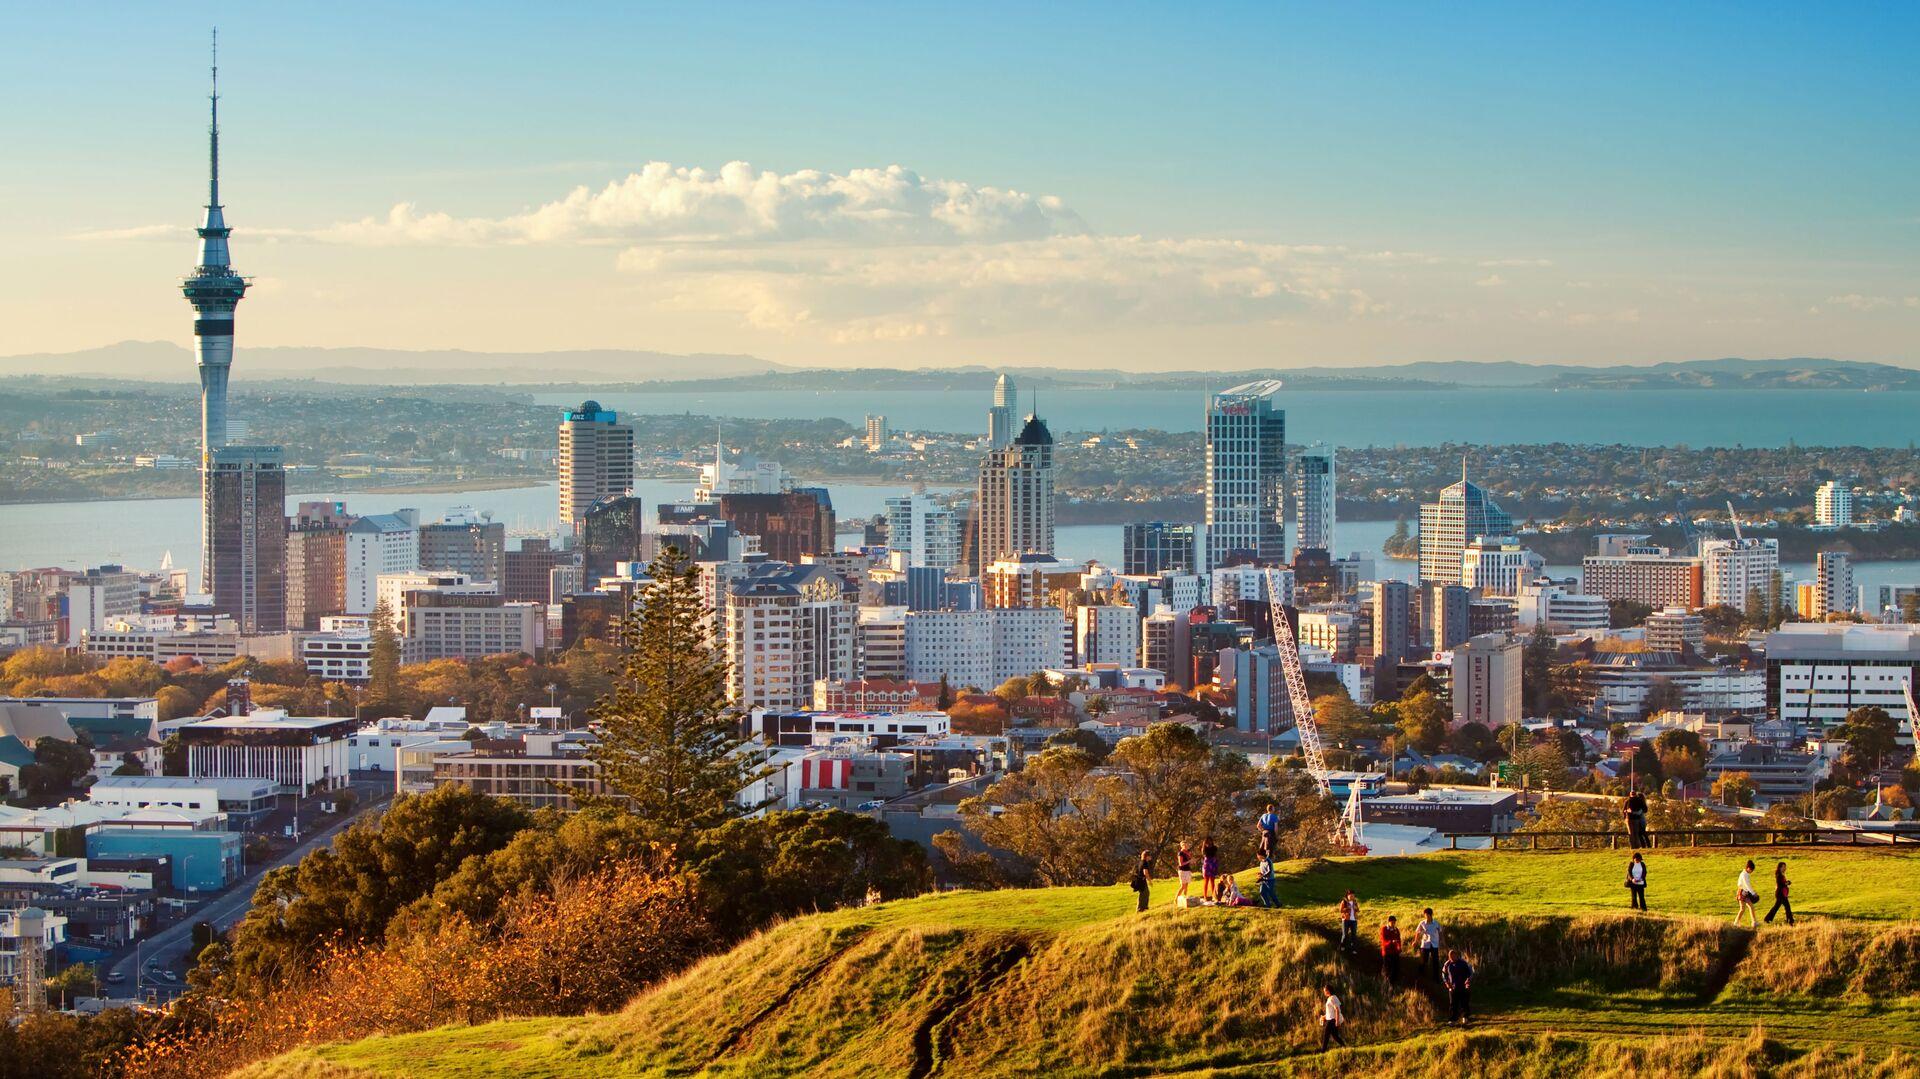 Auckland, Nový Zéland. Ilustrační foto - Sputnik Česká republika, 1920, 14.09.2021